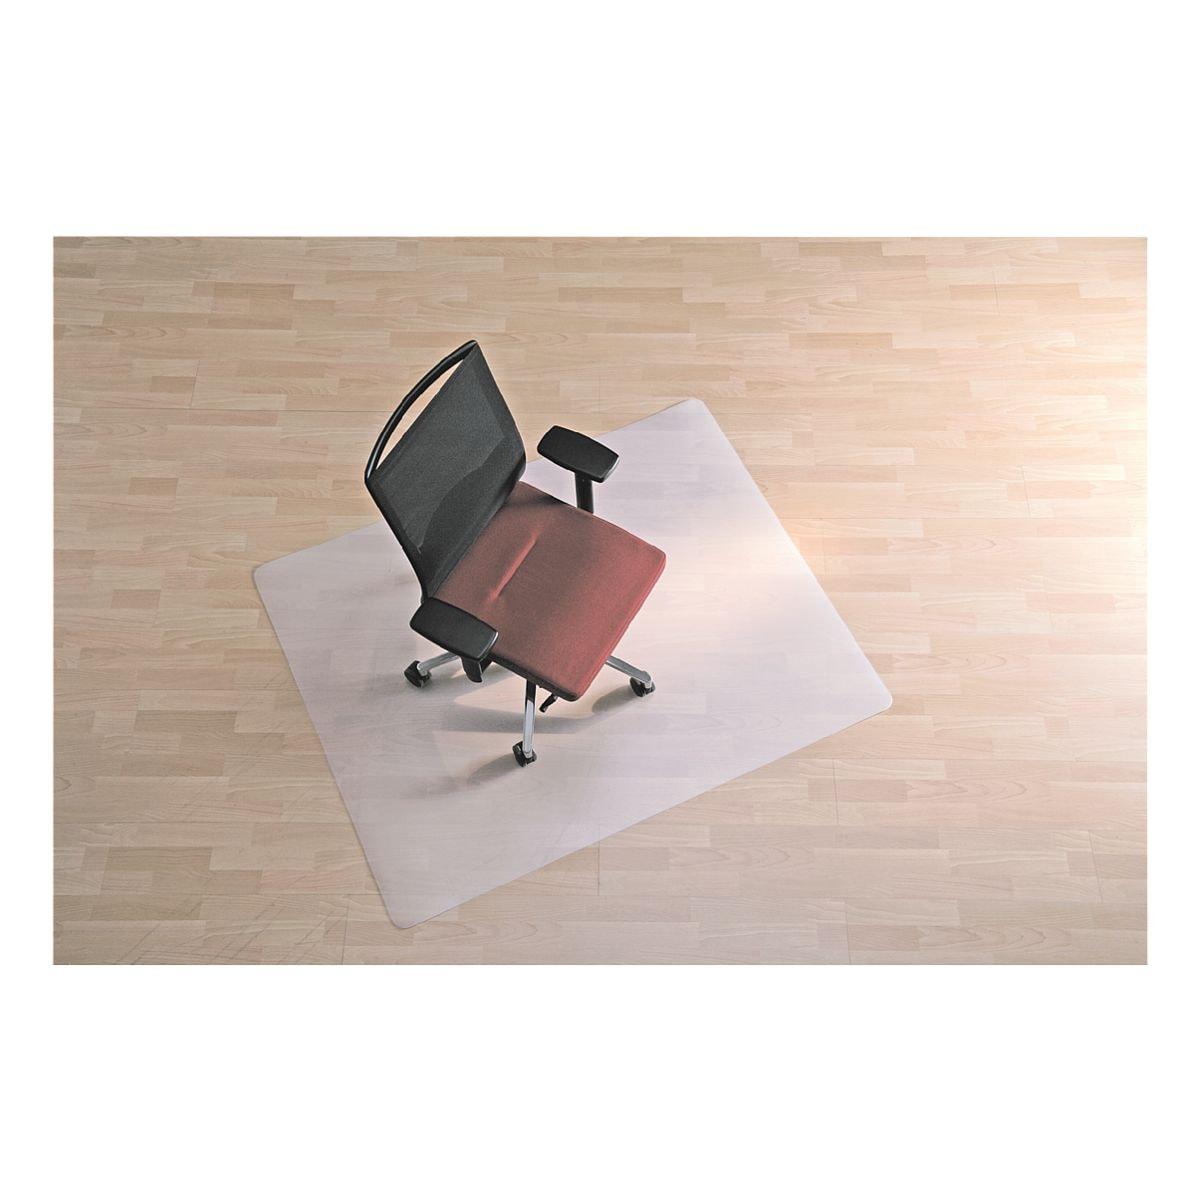 plaque protège-sol pour sols durs, polypropylène, rectangulaire 120 x 130 cm, bsm Plaque protège-sol